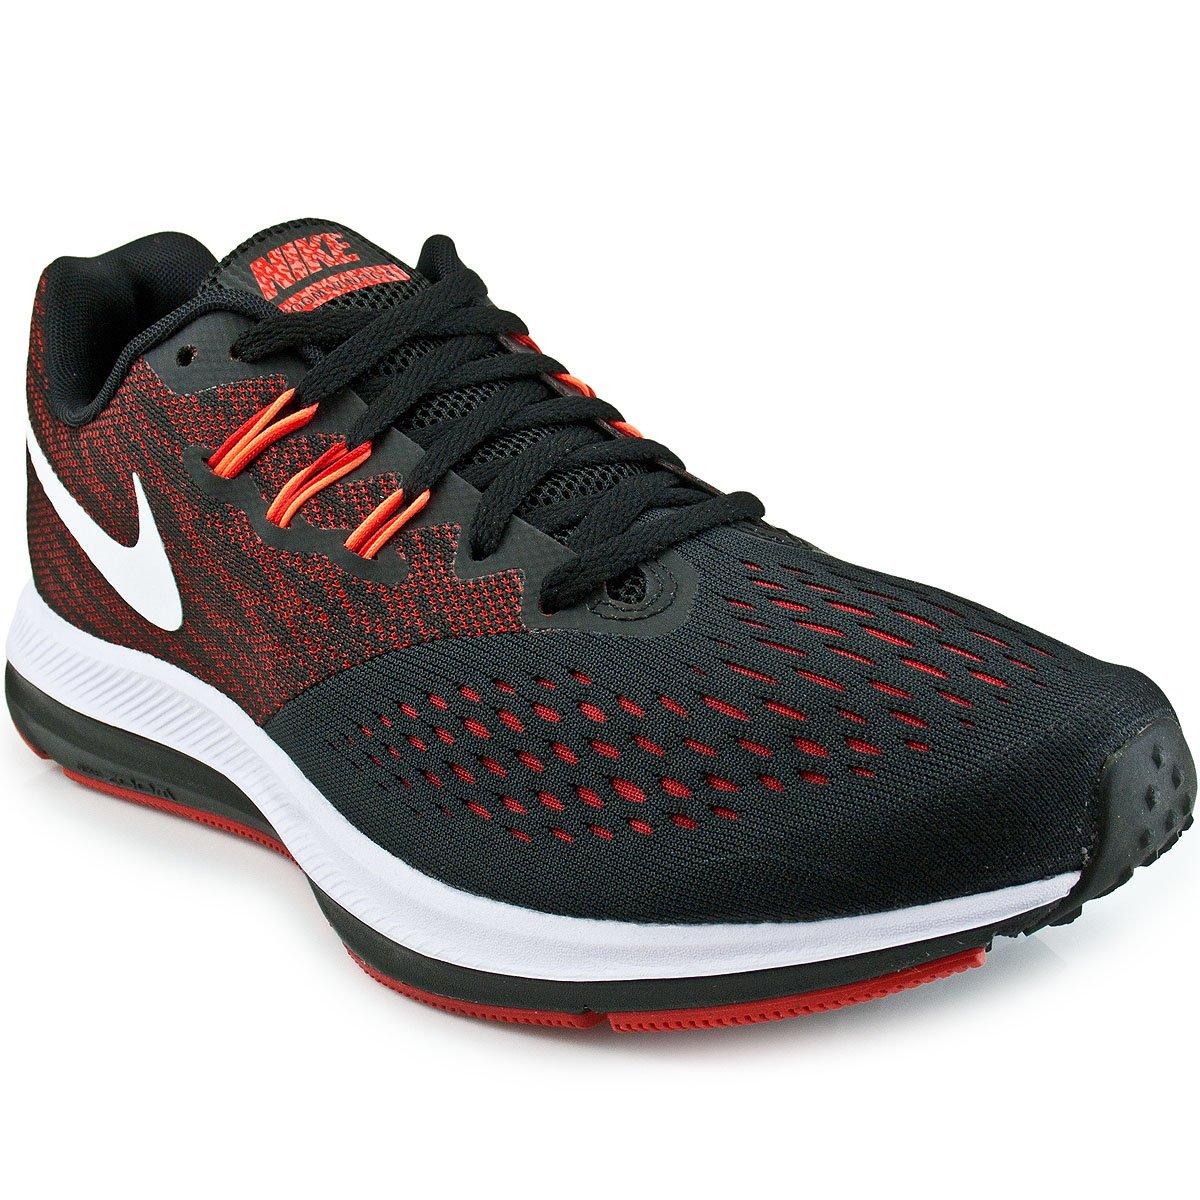 c92c0af904b Tênis Nike Zoom Winflo 4 898466